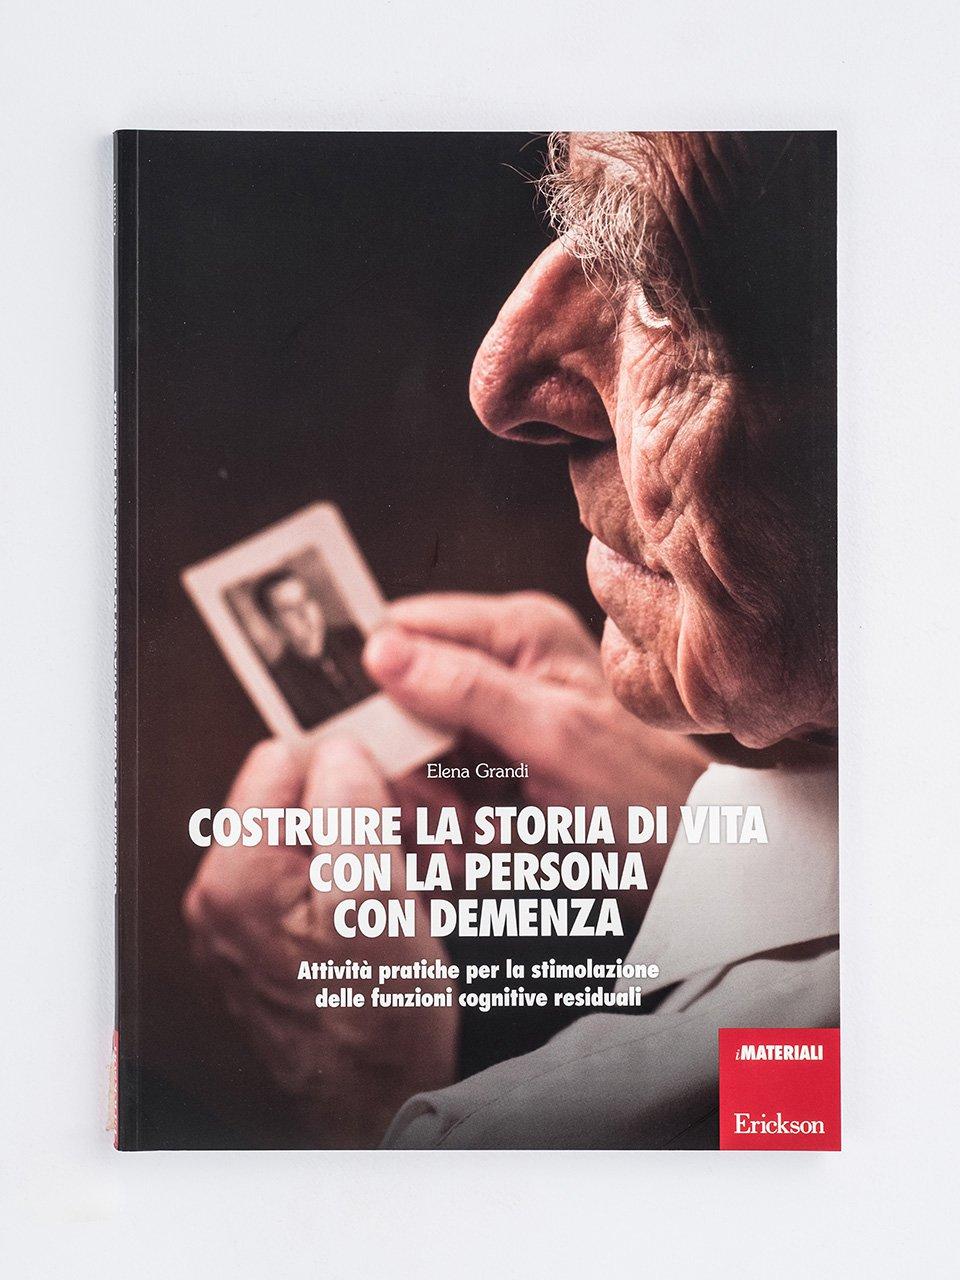 Costruire la storia di vita con la persona con demenza - Test TEMA - Memoria e apprendimento - Libri - Strumenti - Erickson